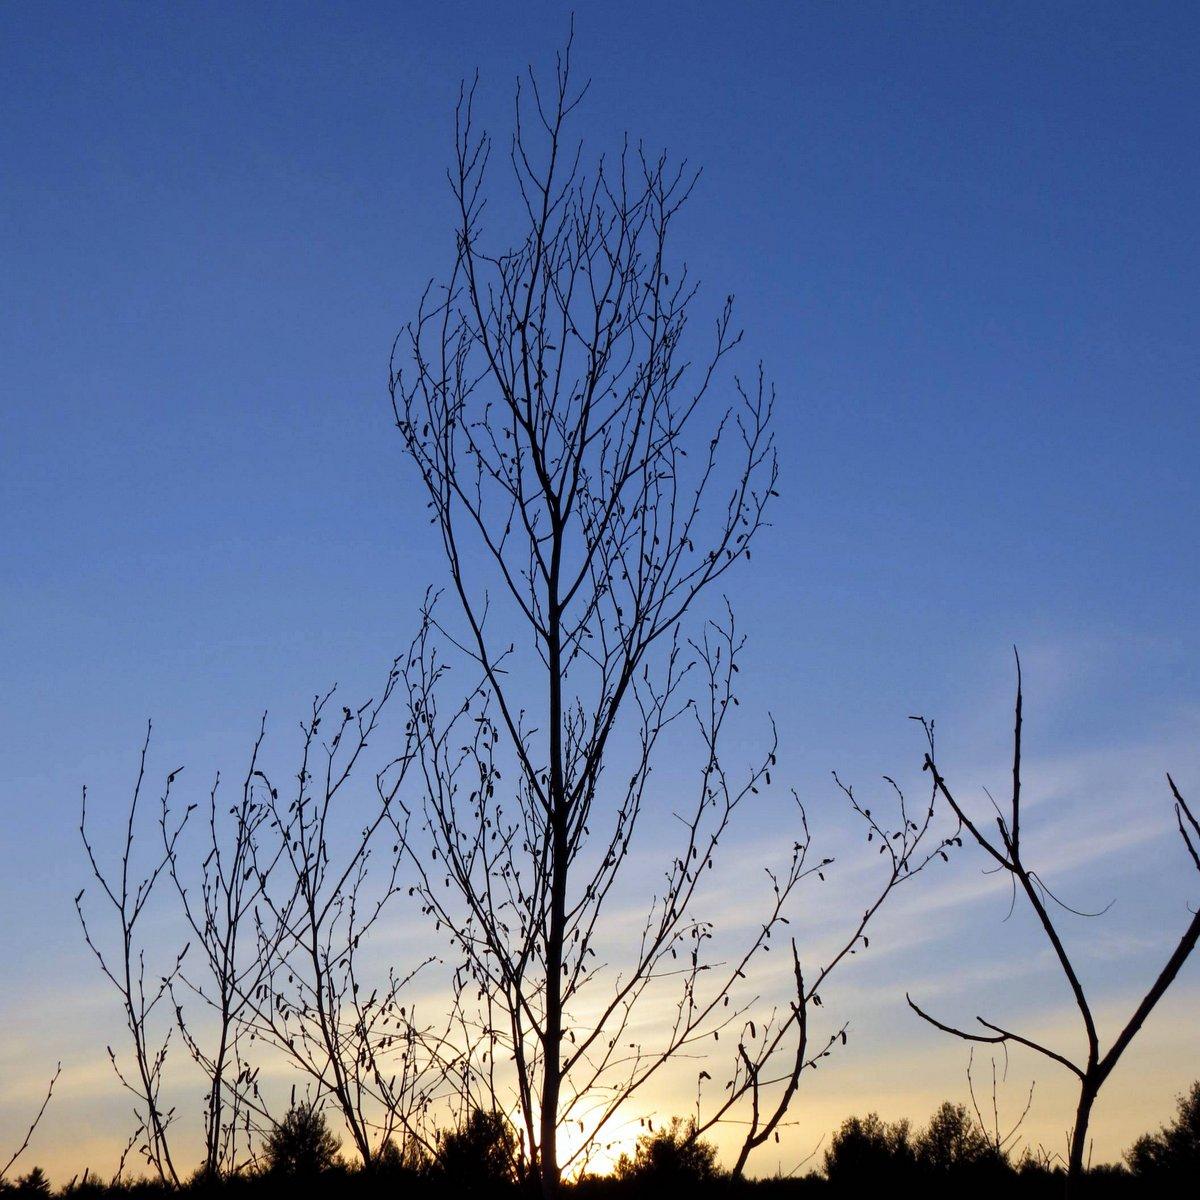 9. Birch Catkins at Sundown